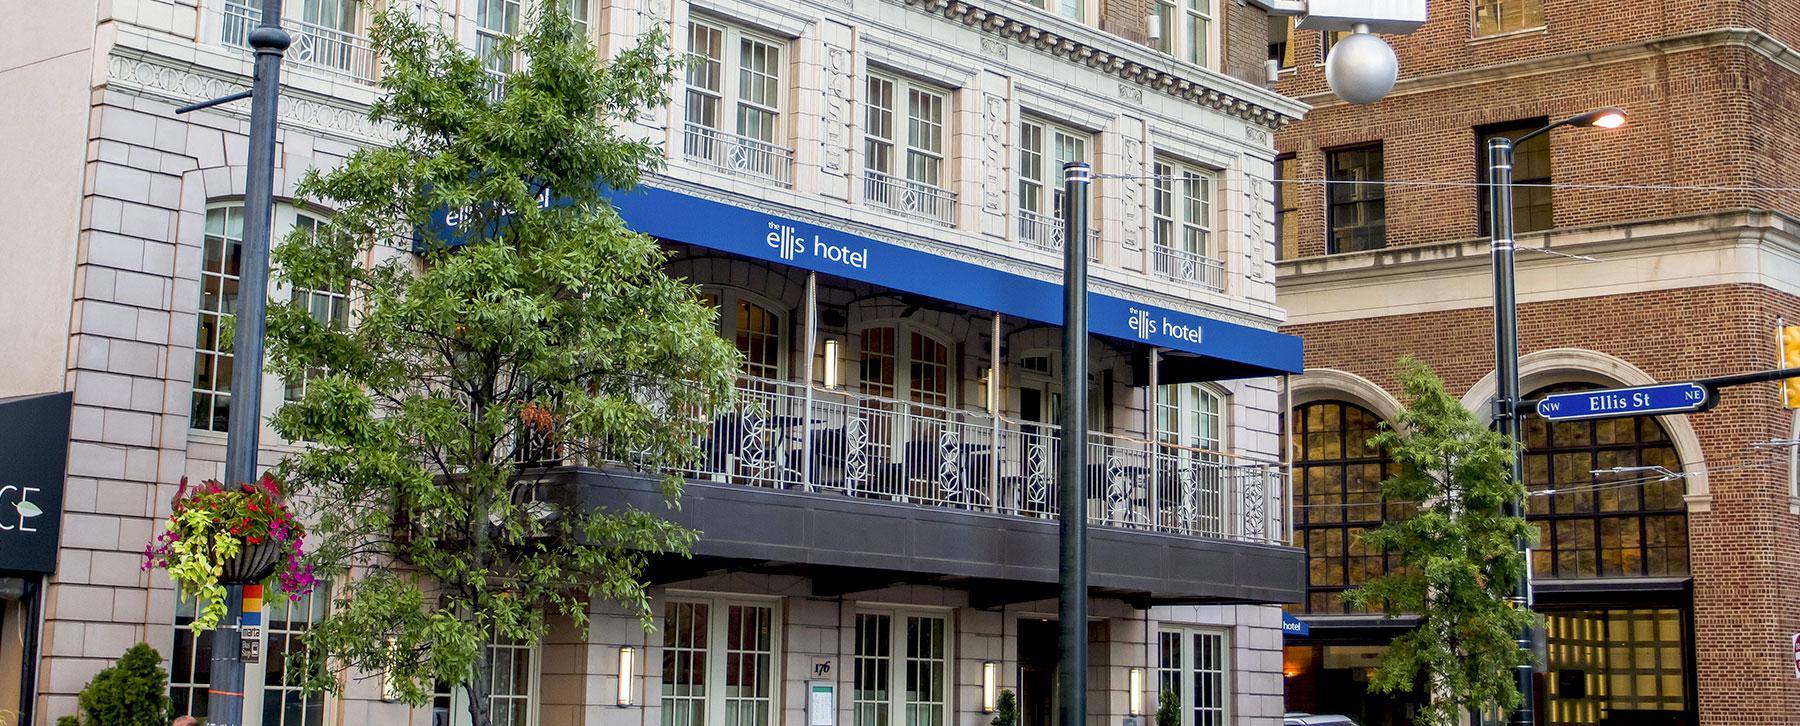 Chic Boutique Hotel In Atlanta Ga Ellis Hotel